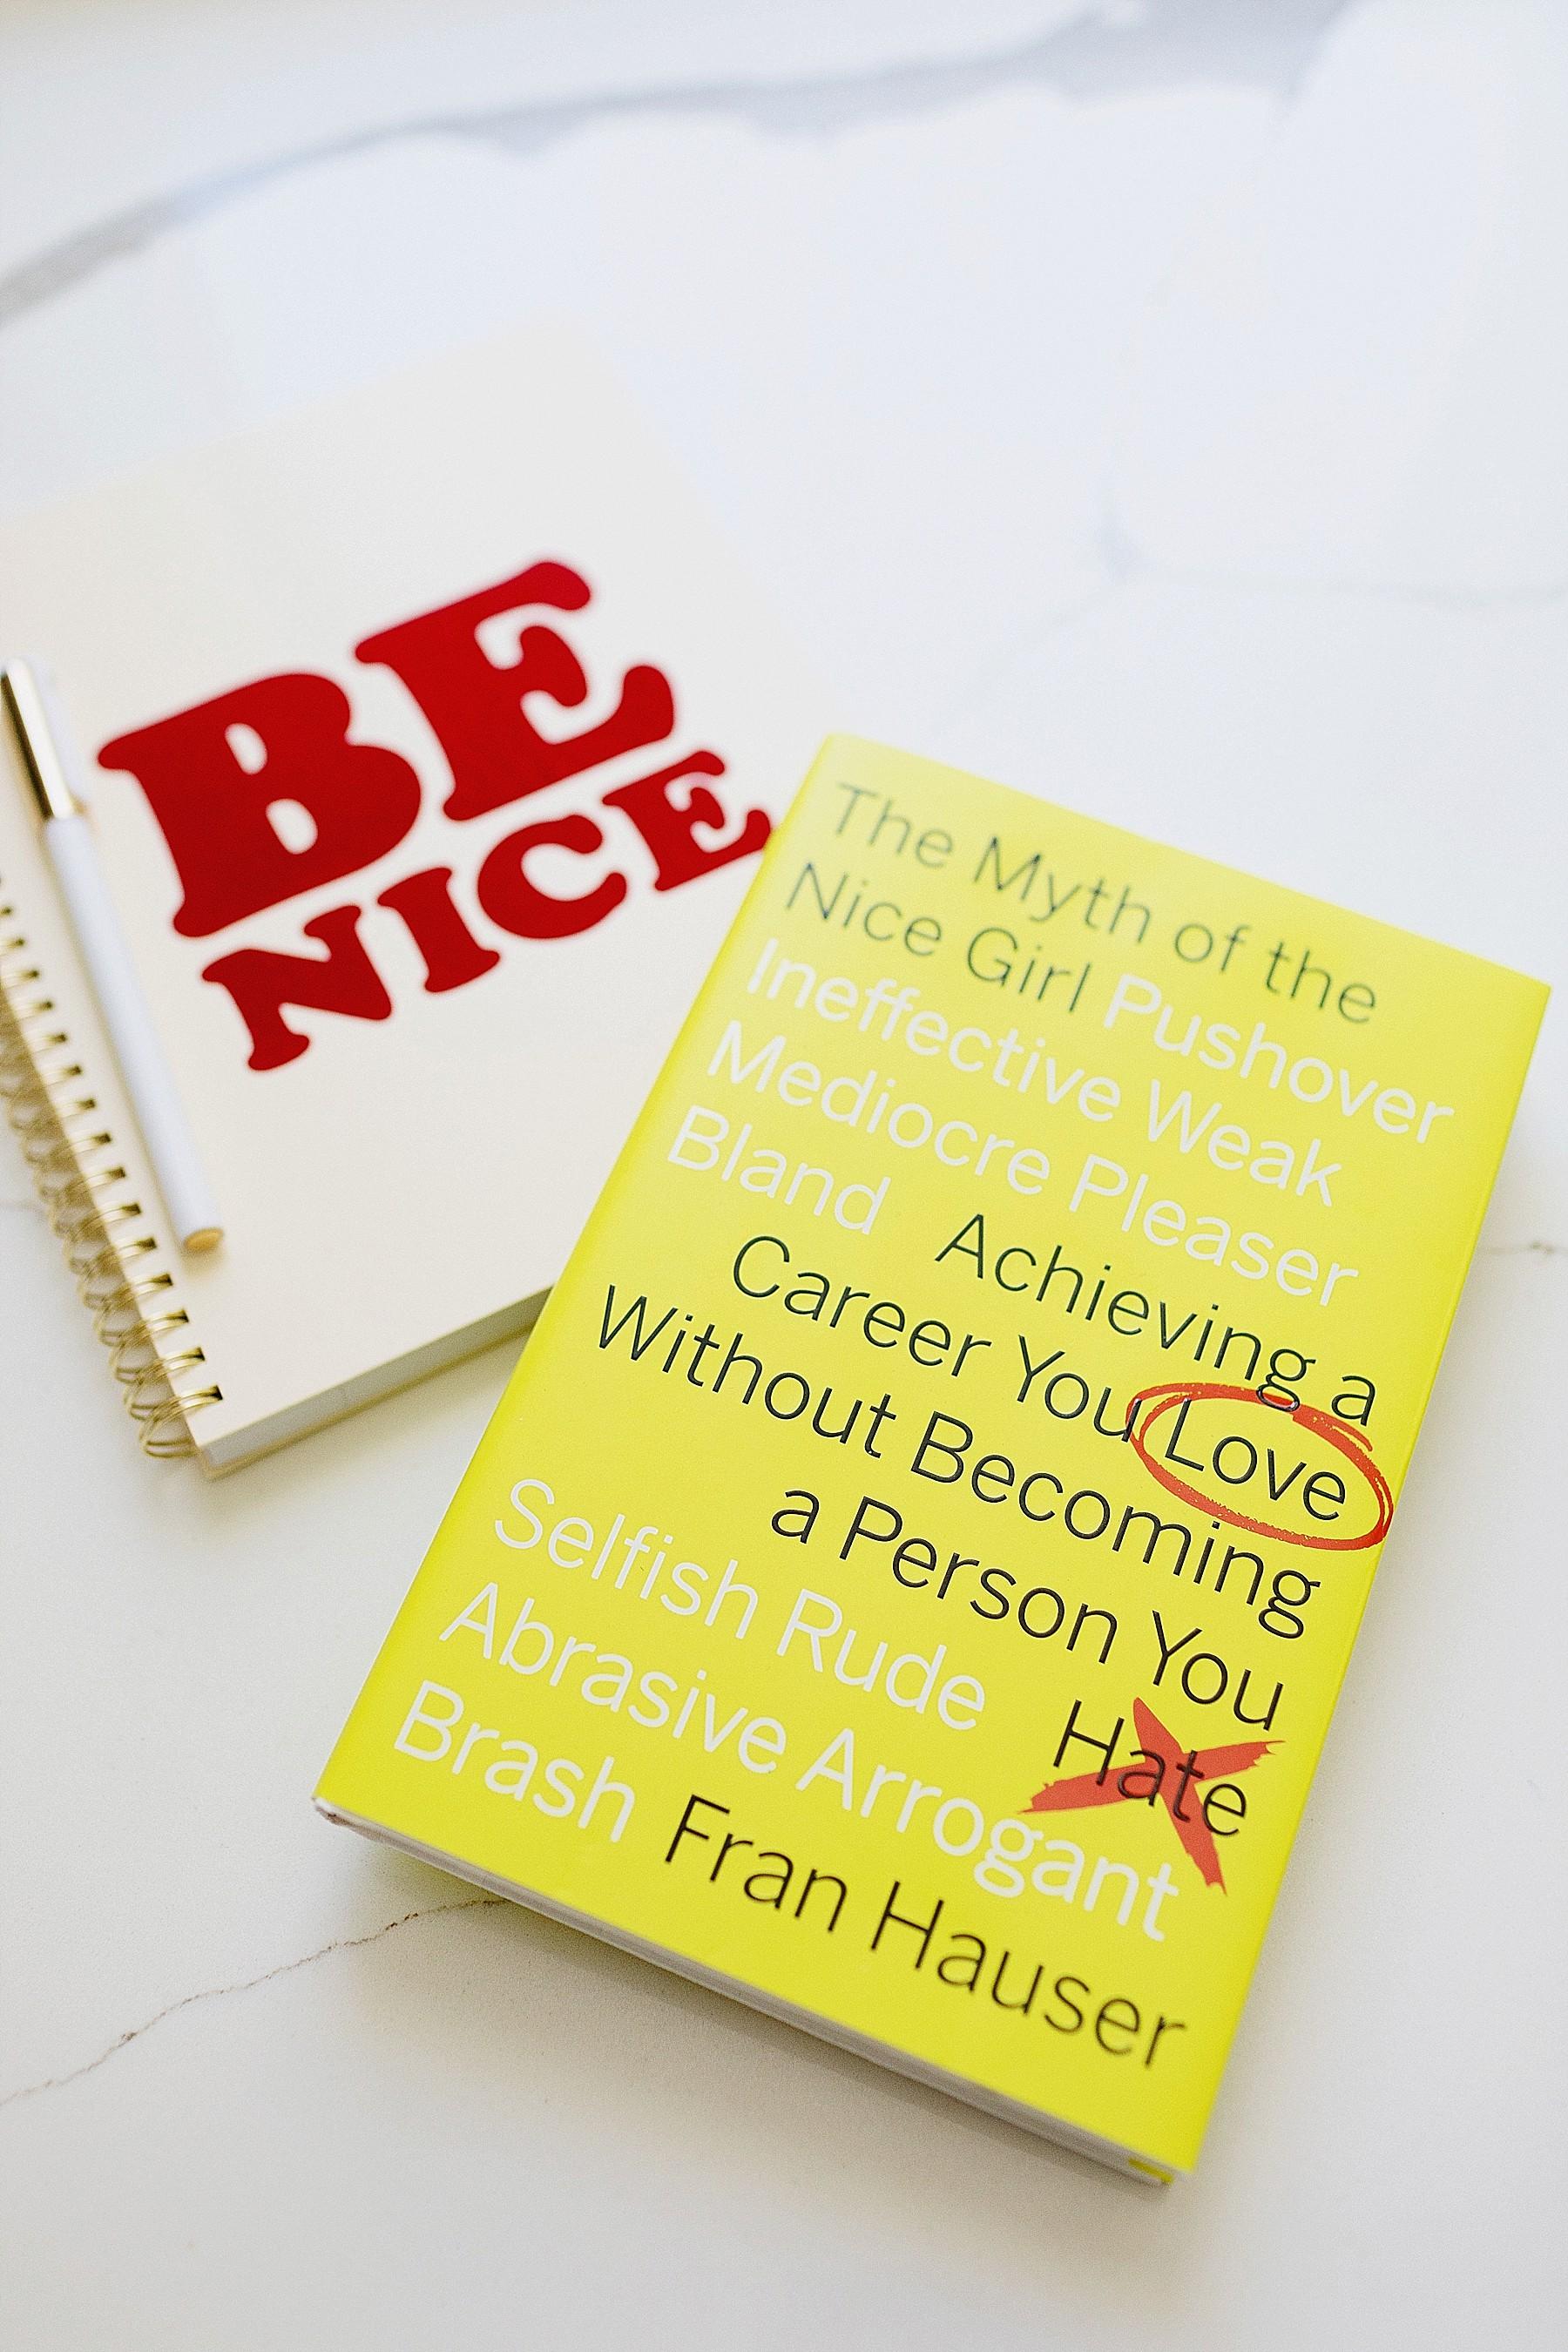 The Myth Of A Nice Girl work career advice book